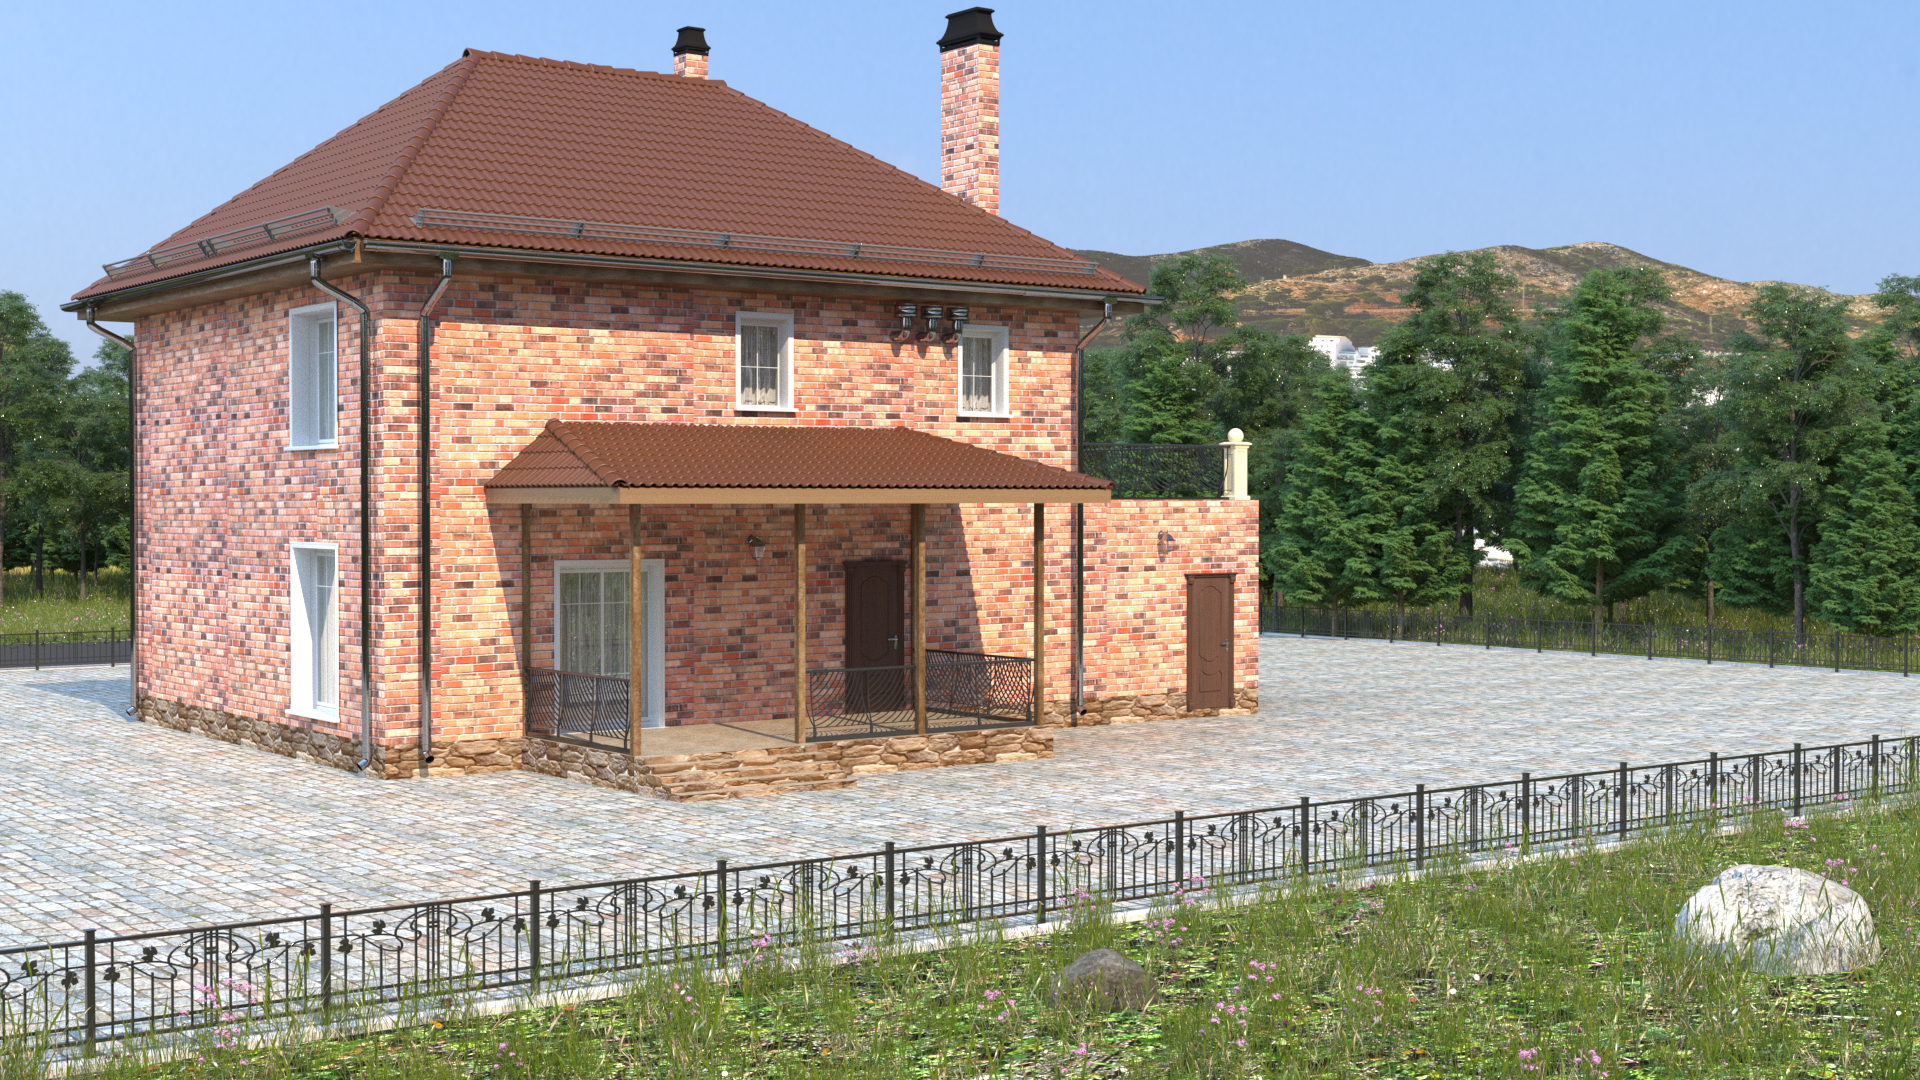 Готовый проект коттеджа 148 кв. м / Артикул KH-89 фасад